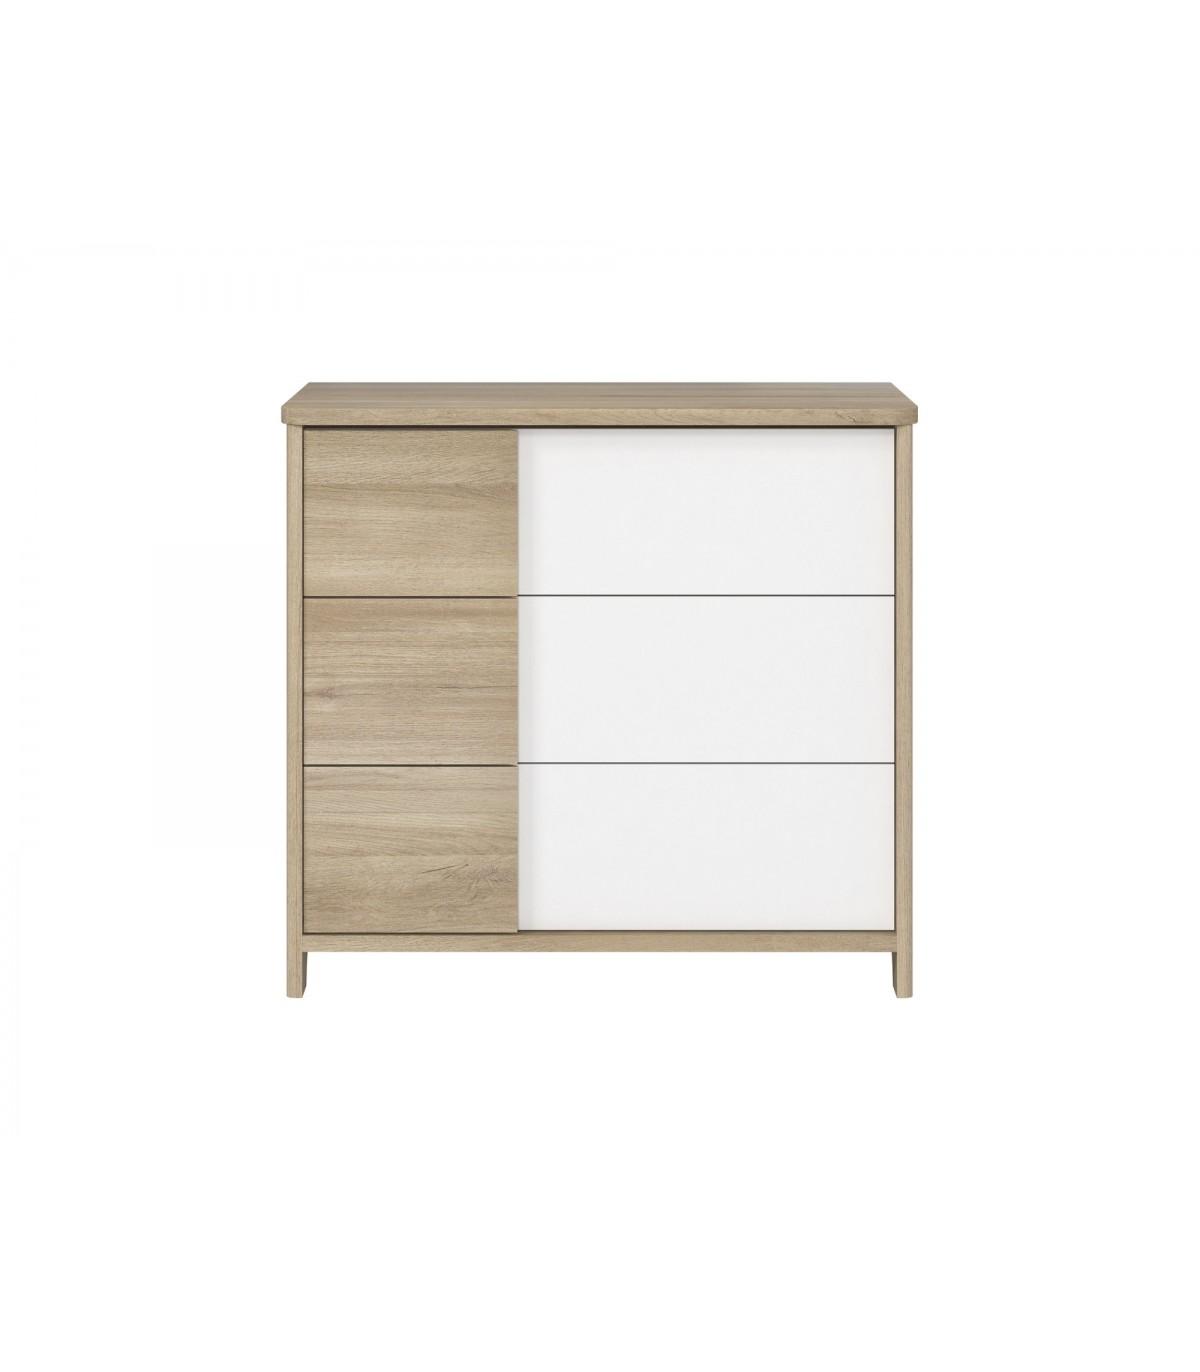 Commode 3 tiroirs décor bois et blanc Bébé - 95 x H91cm